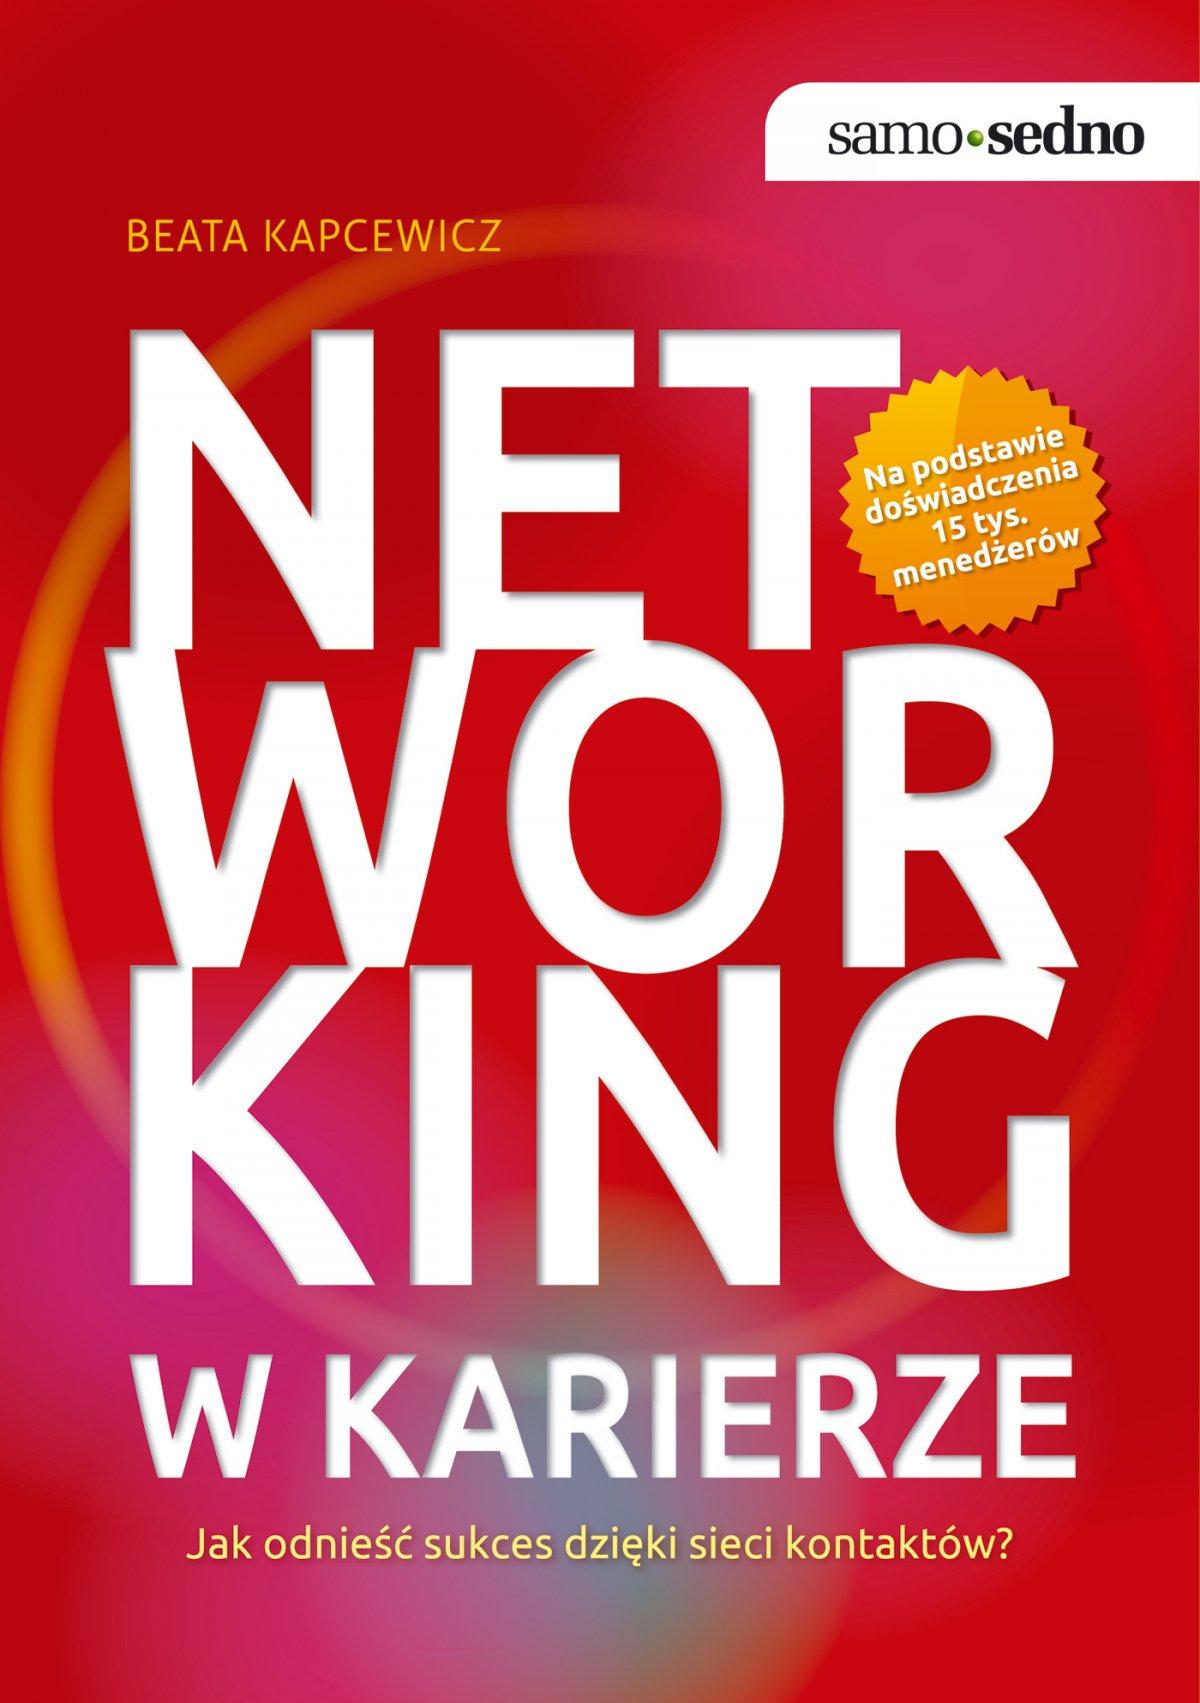 Samo Sedno - Networking w karierze. Jak odnieść sukces dzięki sieci kontaktów? - Ebook (Książka na Kindle) do pobrania w formacie MOBI